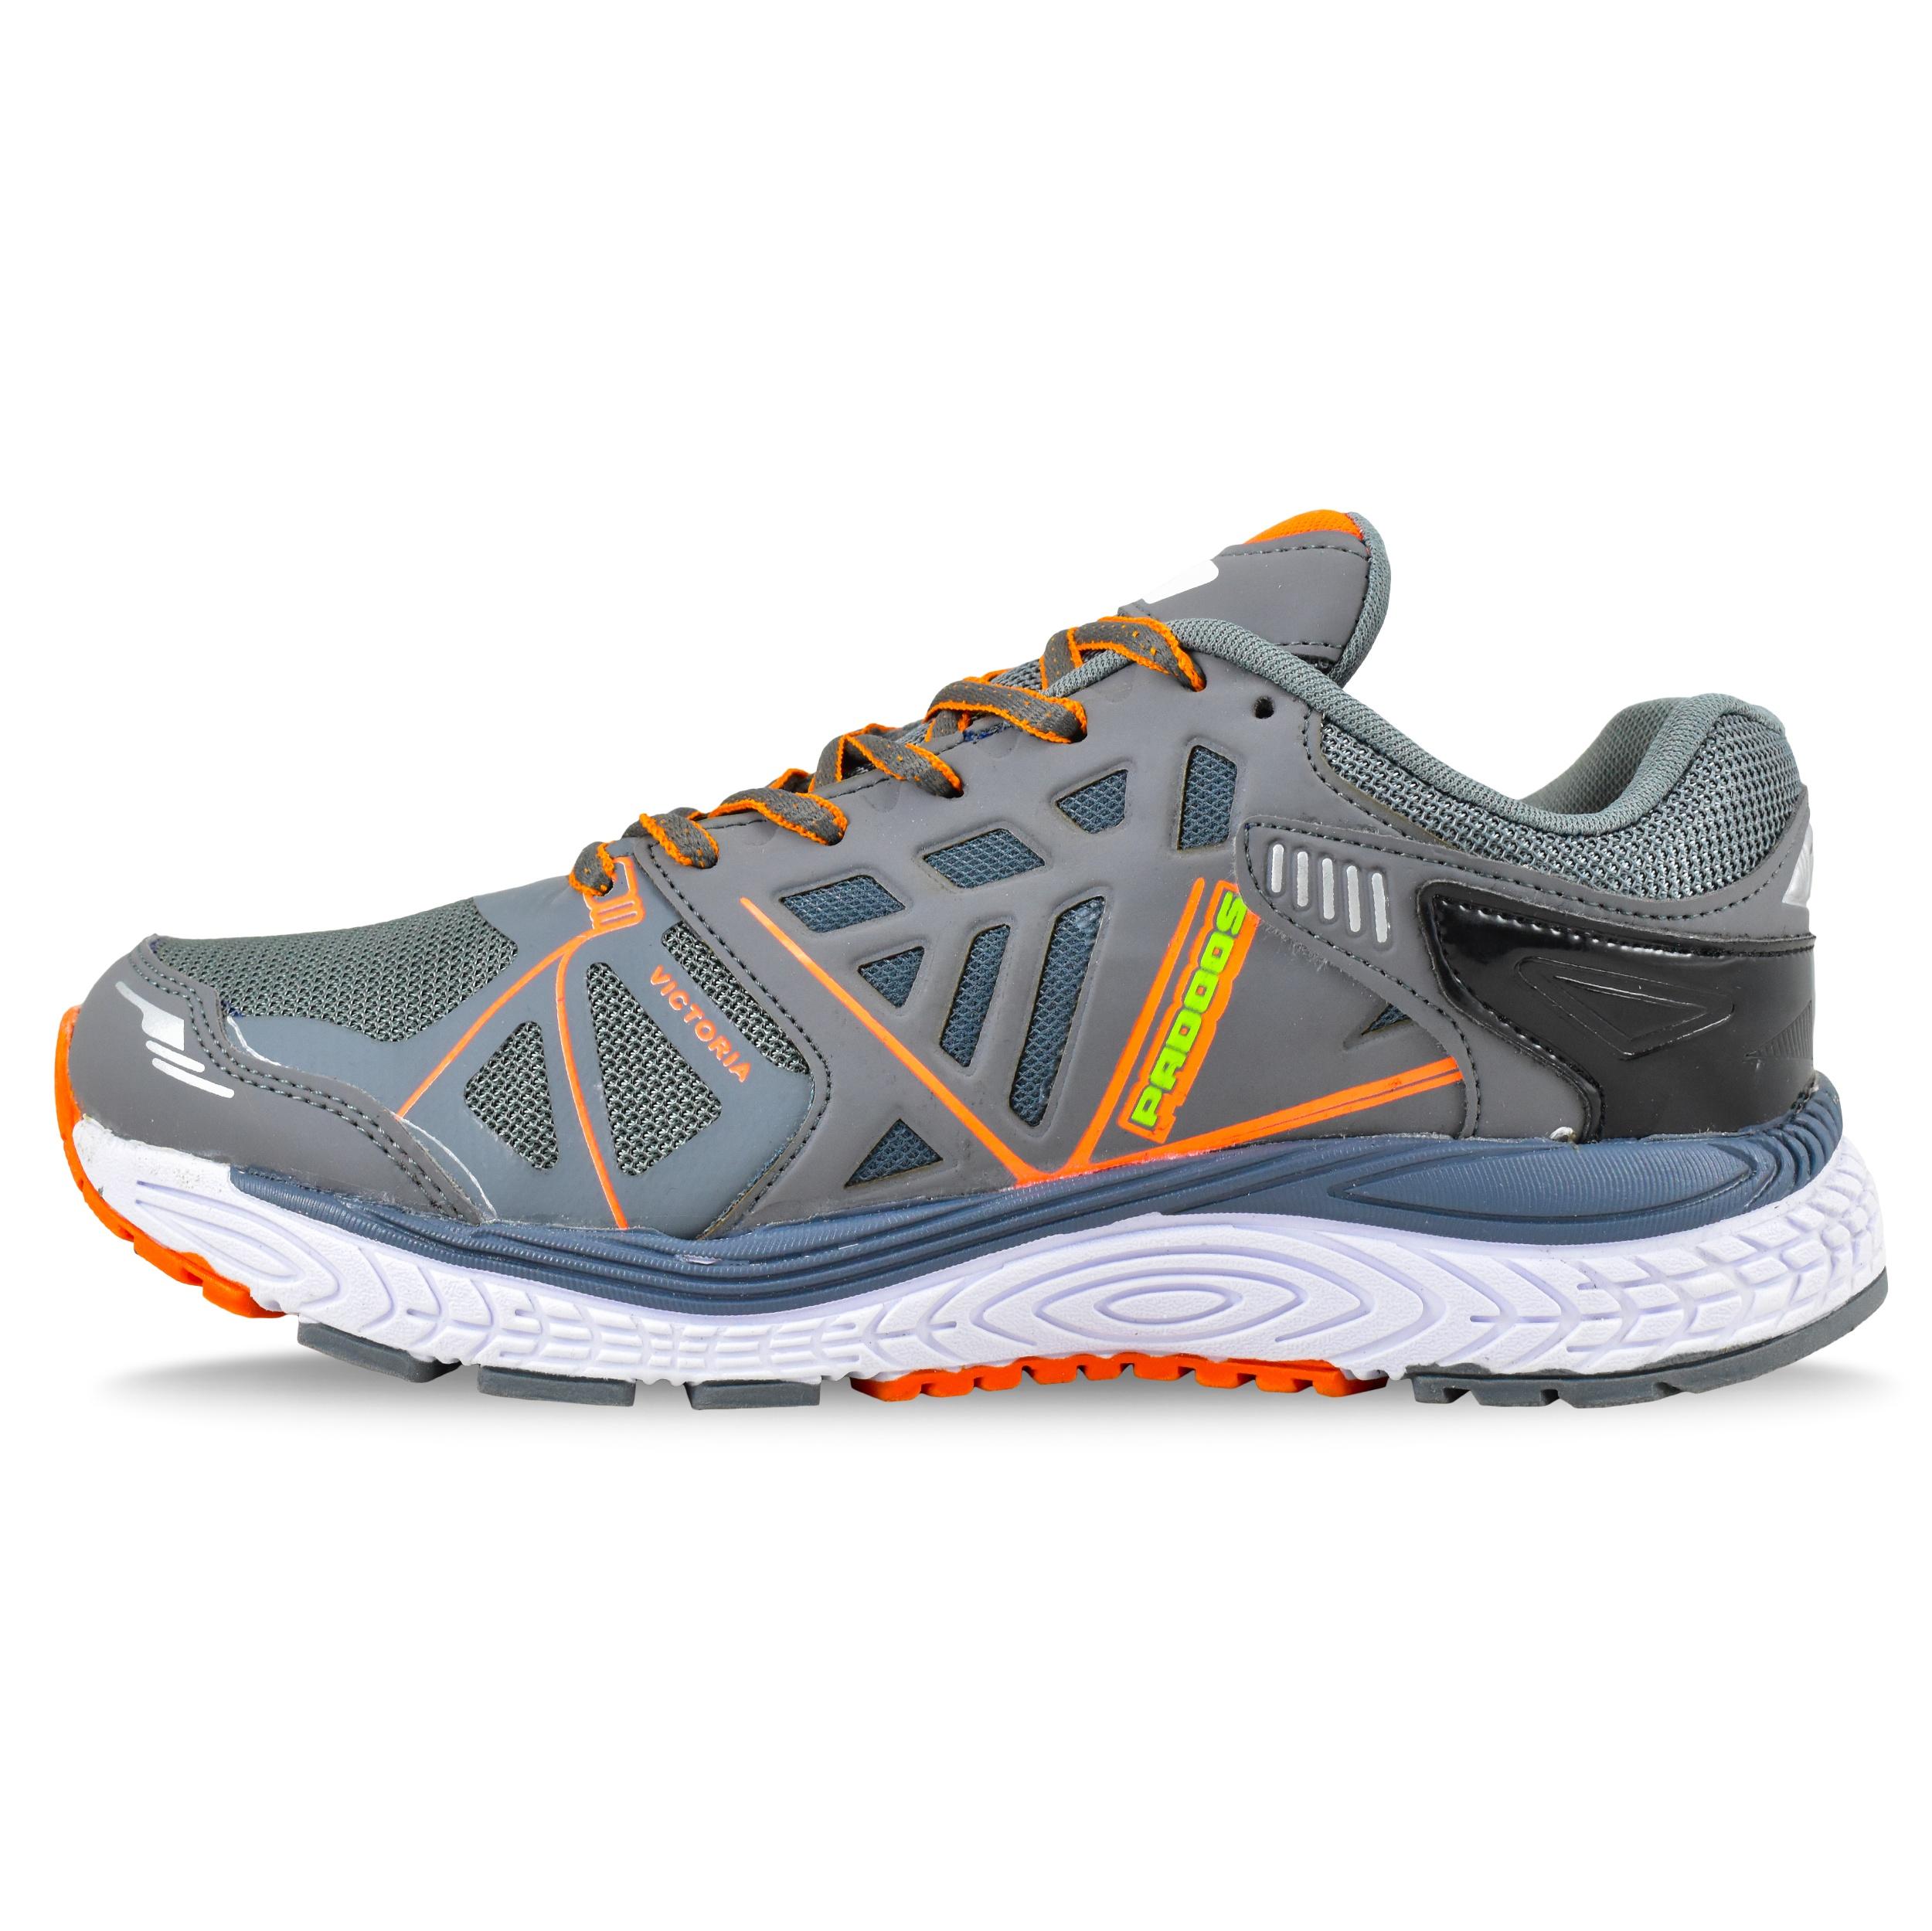 کفش مخصوص پیاده روی مردانه پادوس مدل لوییس کد ۴۷۸۸